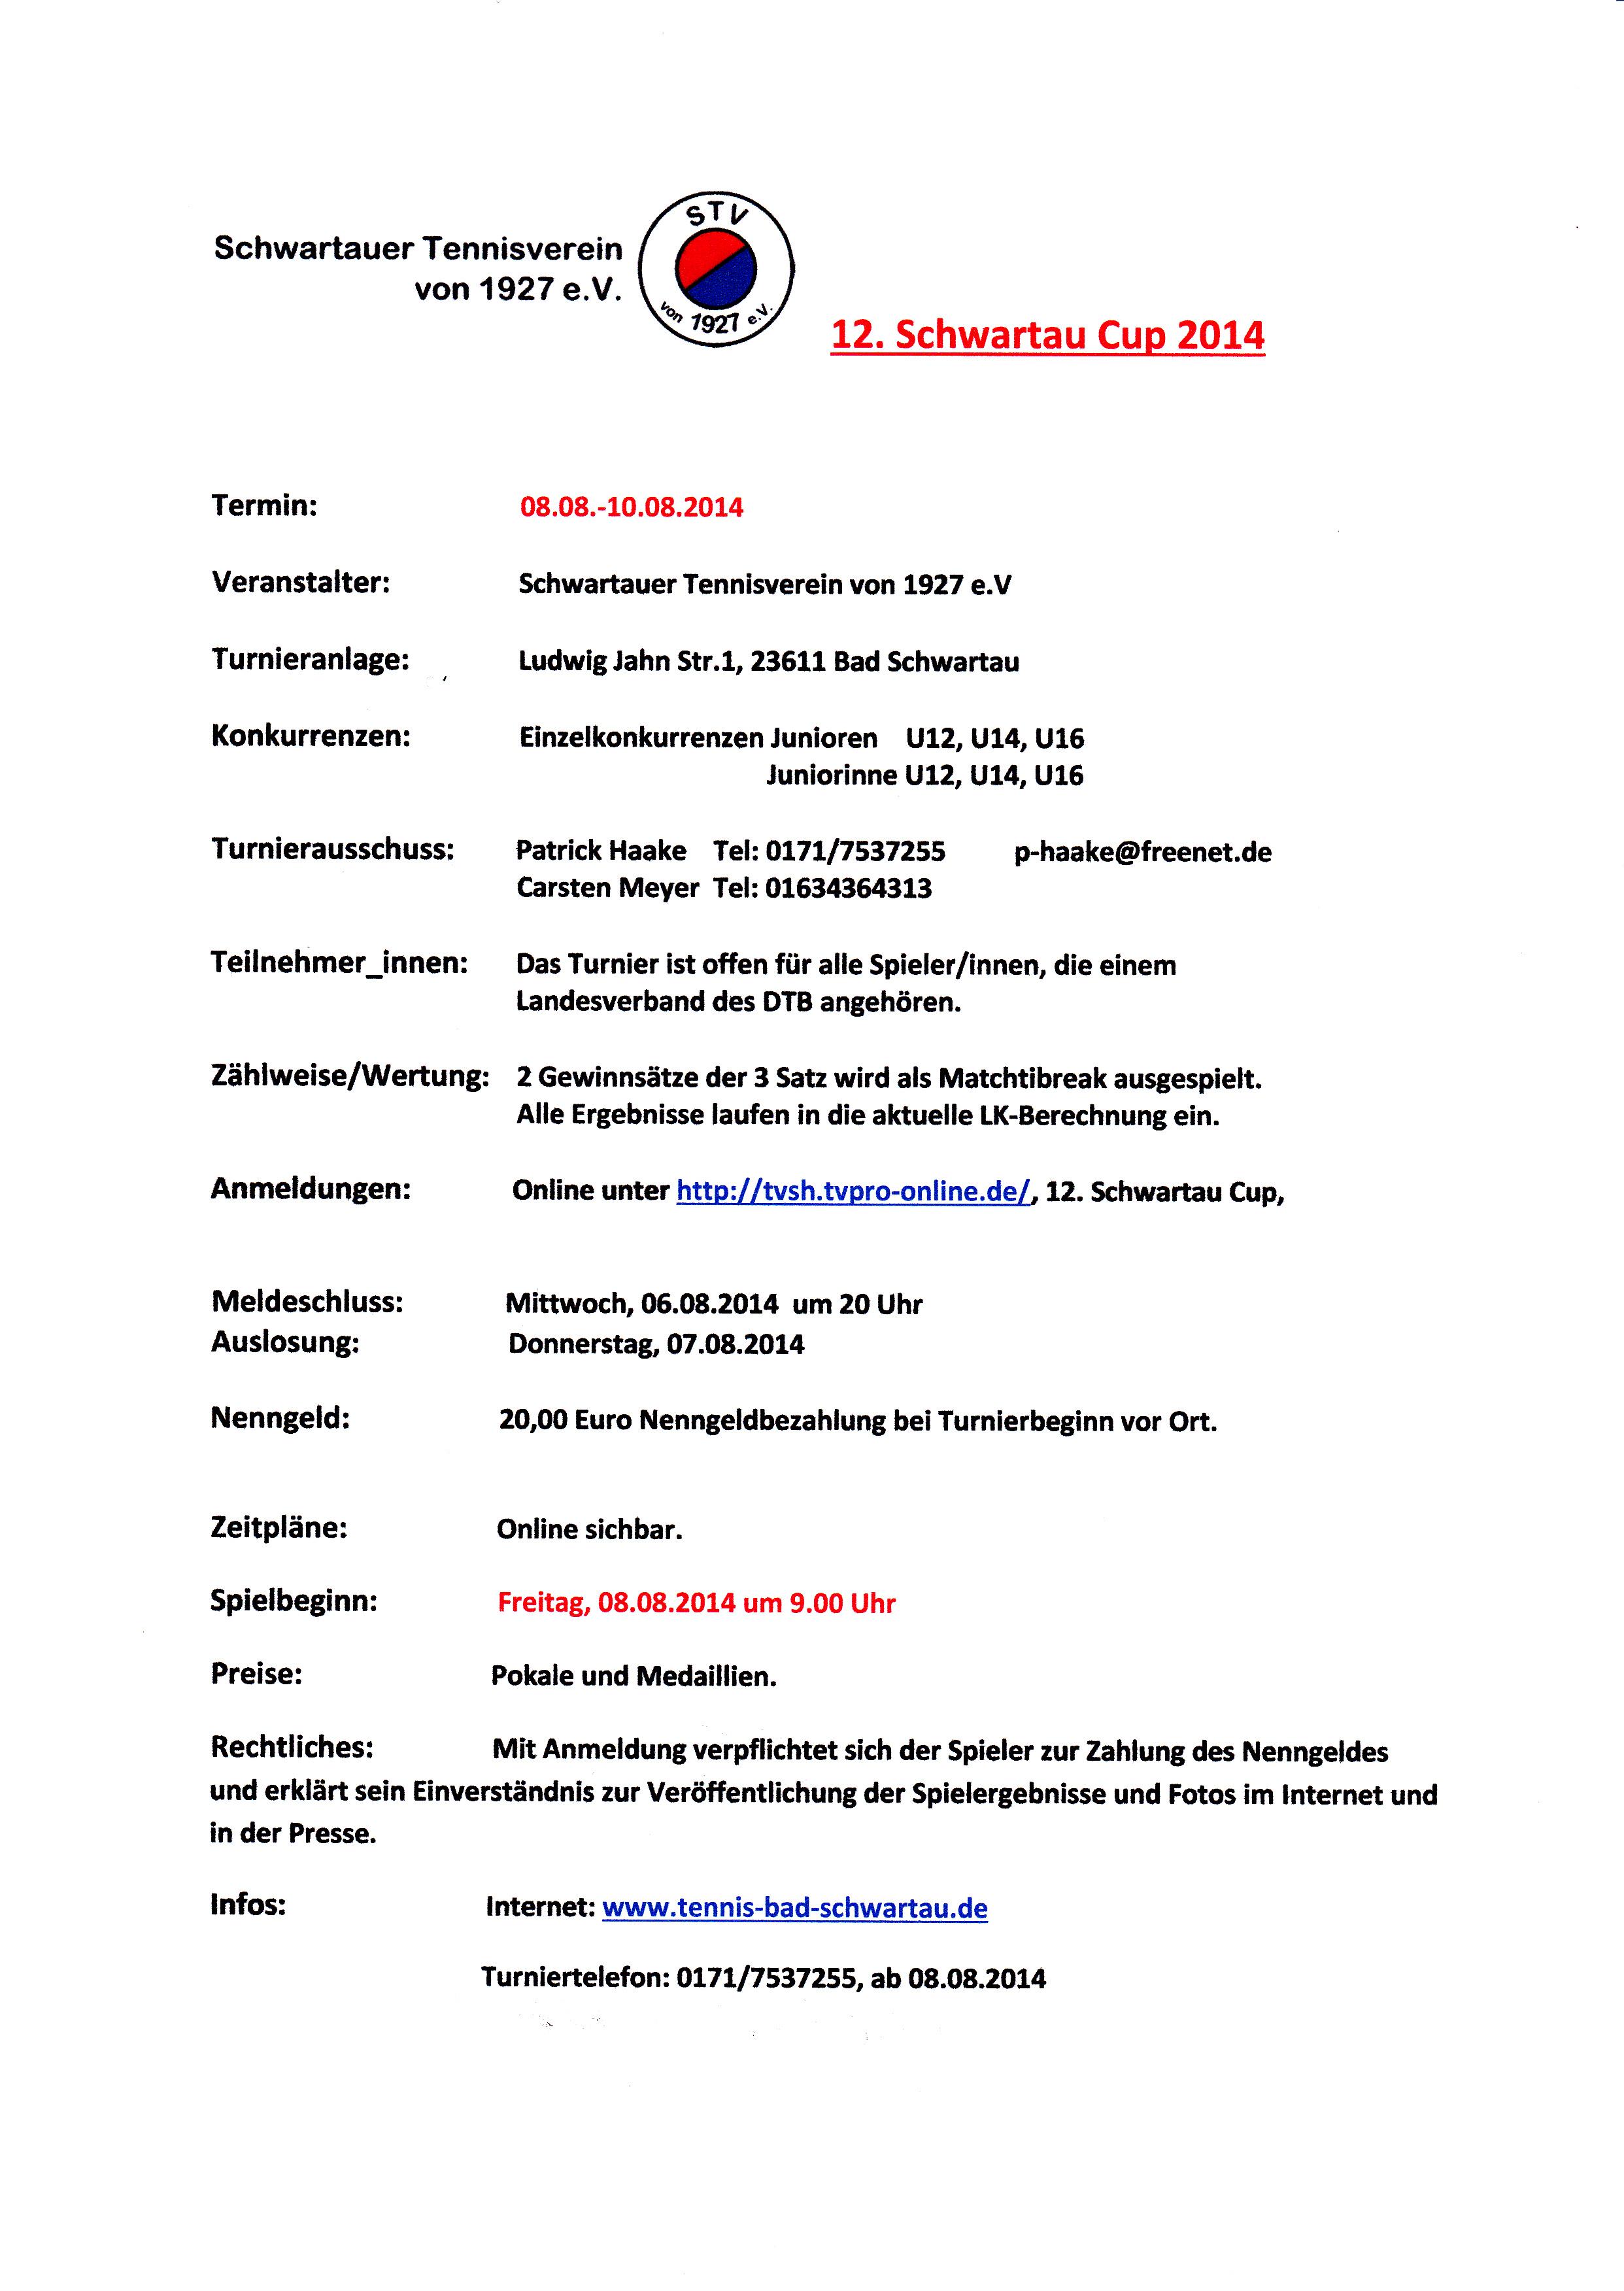 Tvpro Online De Das Turnierportal Turnierliste 12